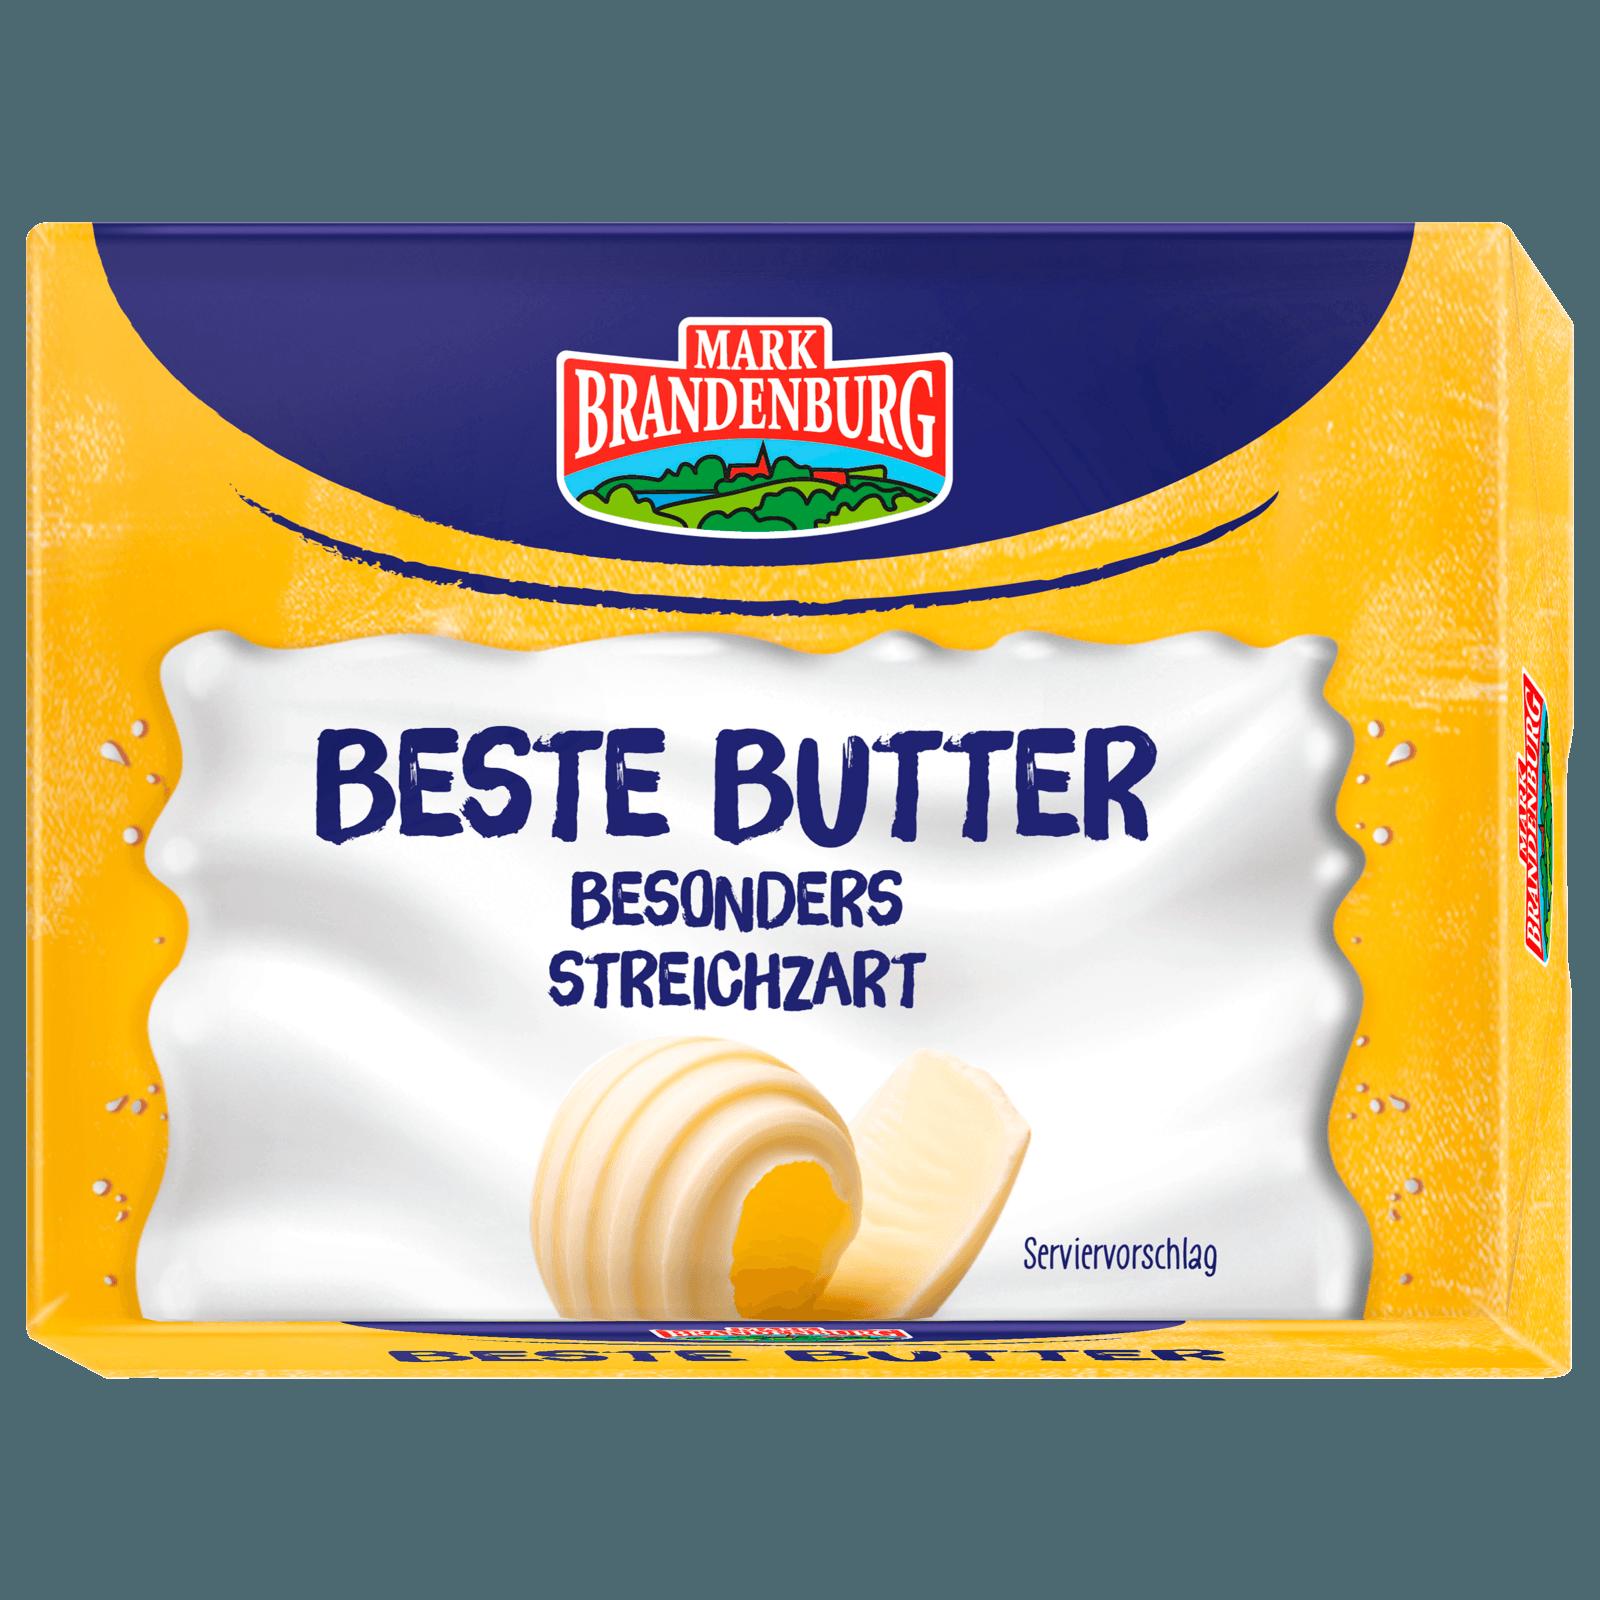 Mark Brandenburg Beste Butter 250g